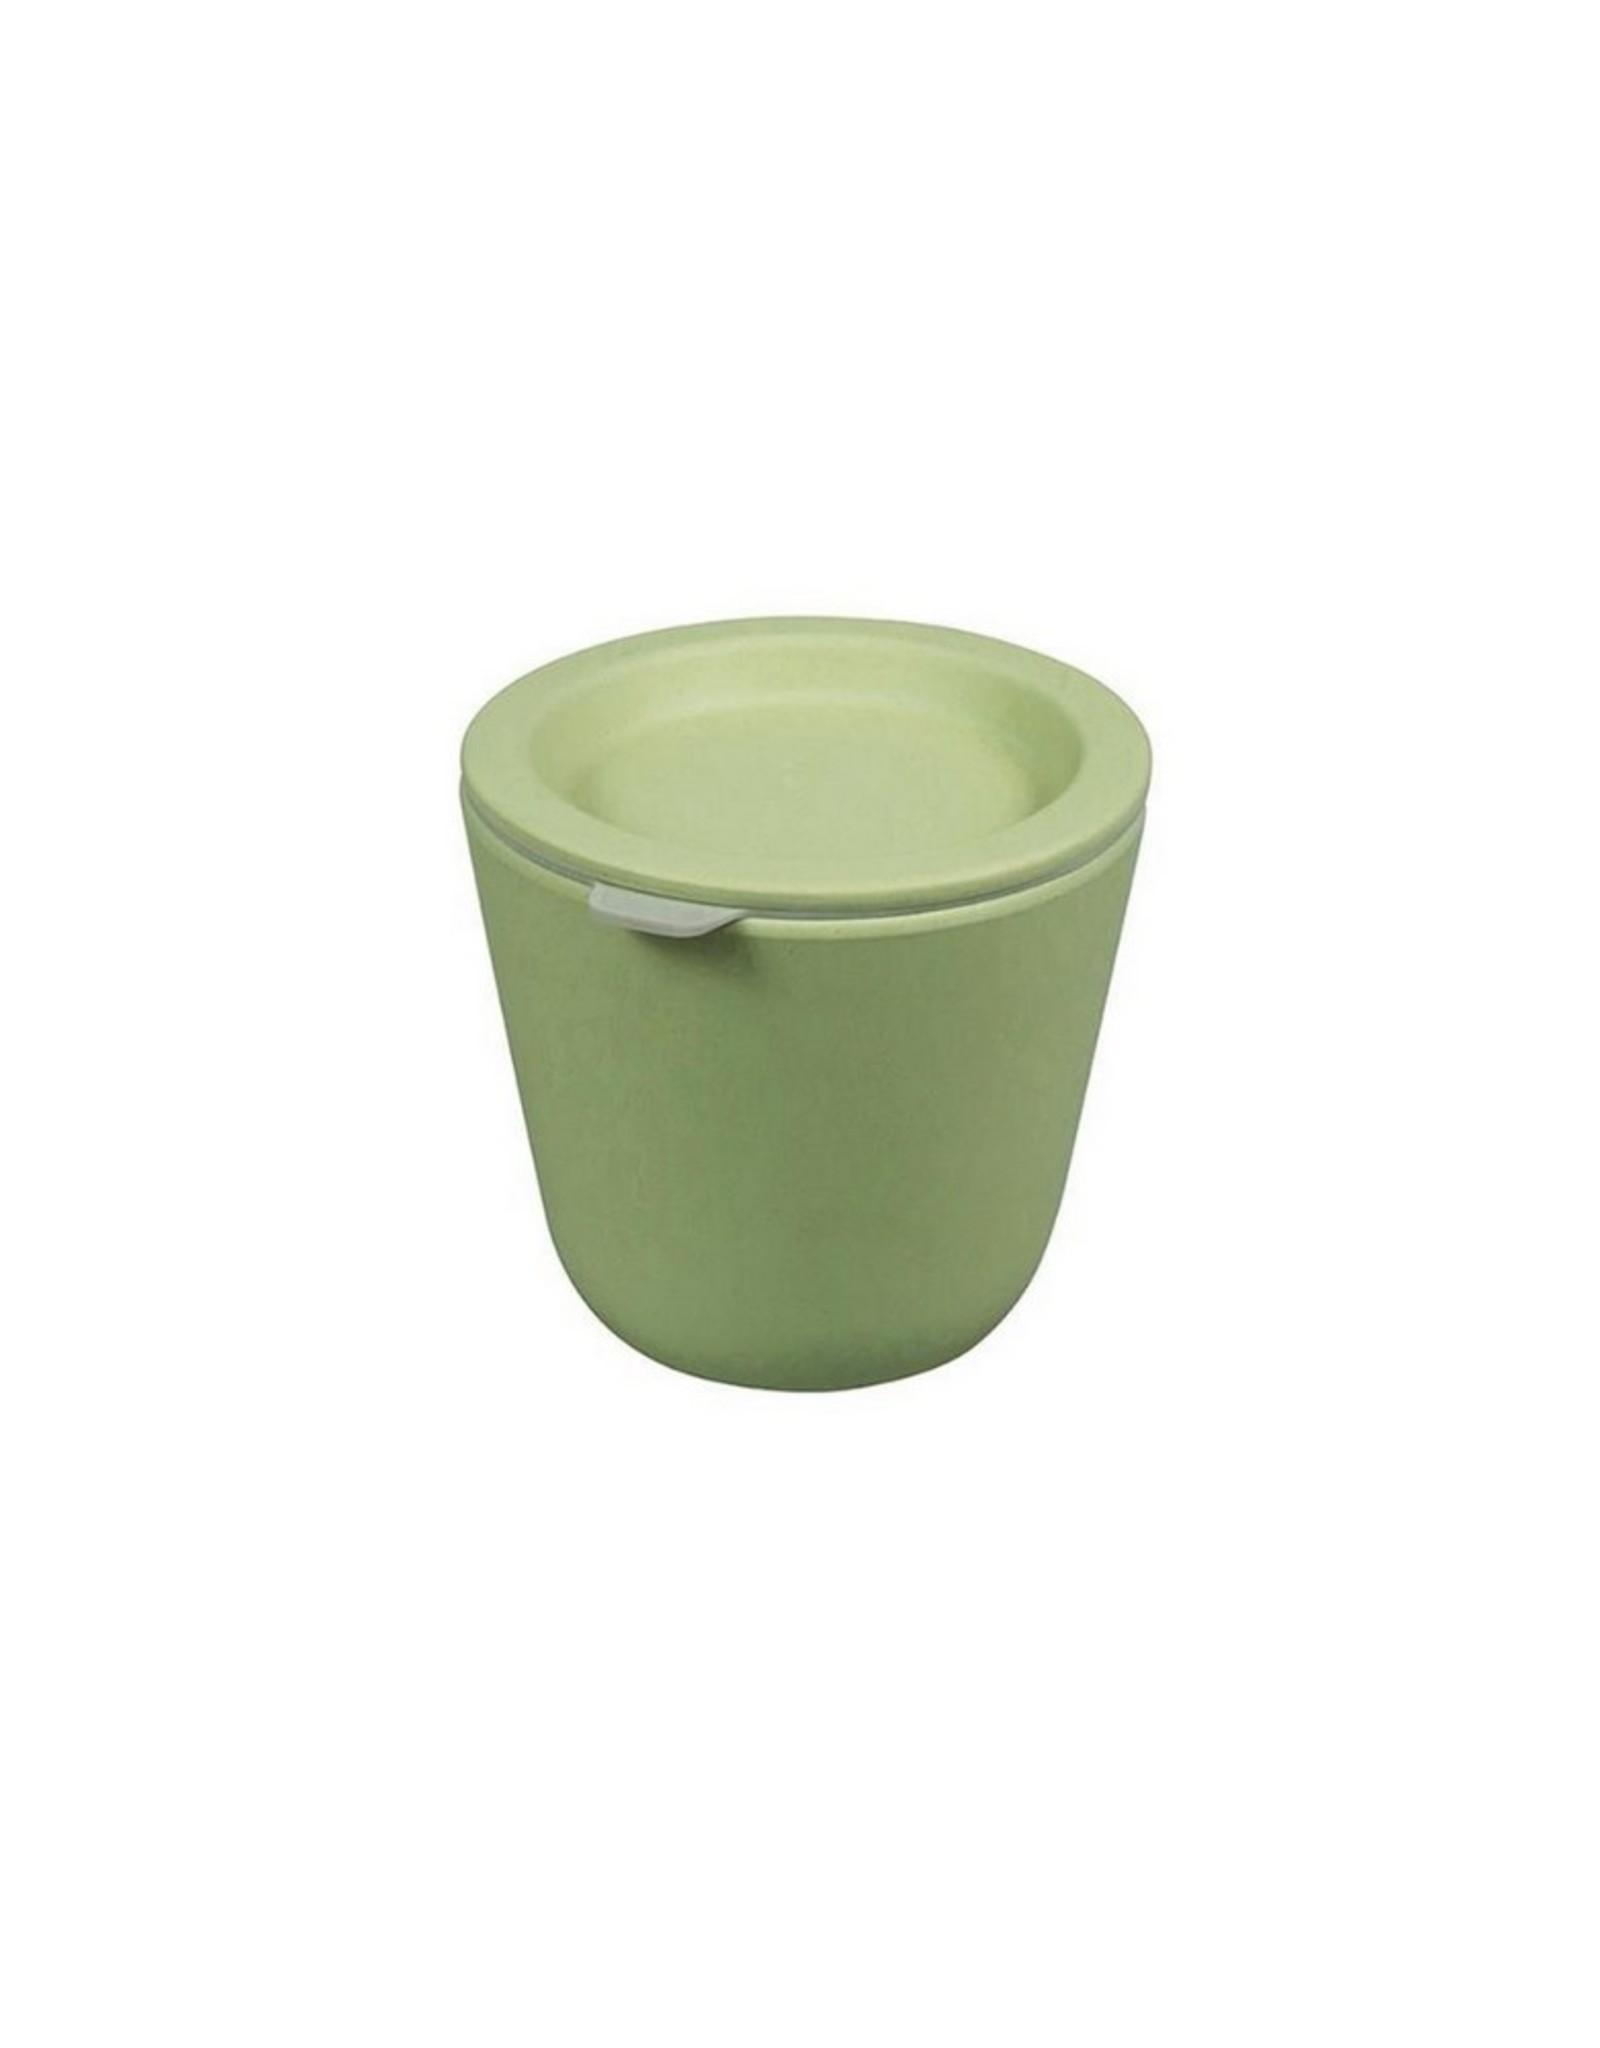 Zuperzozial Back-Up Jar 500ml Groen